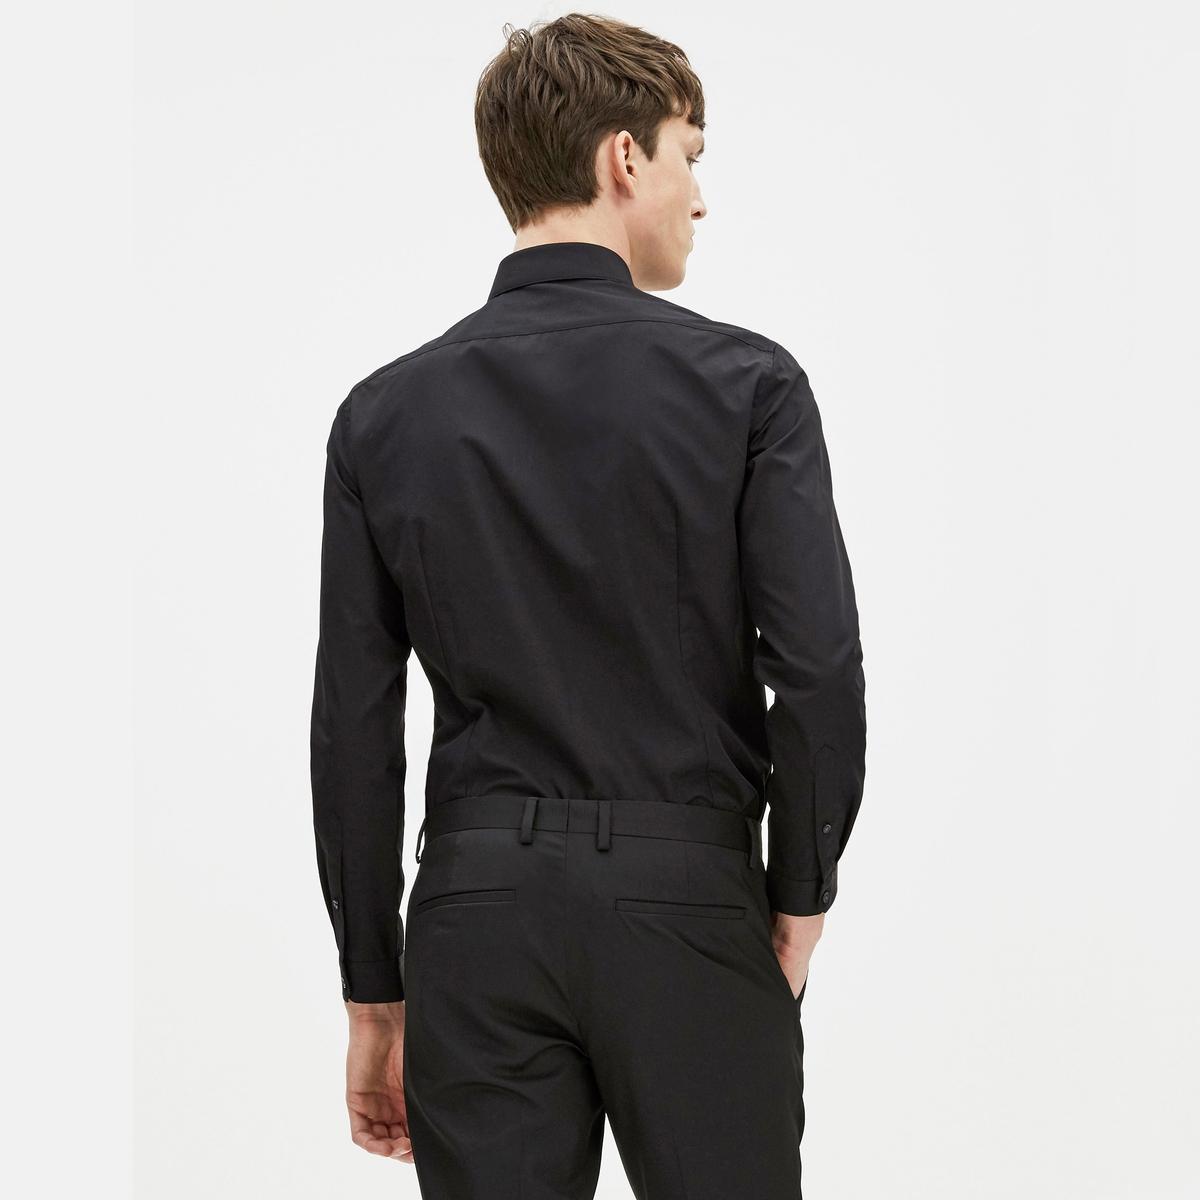 Рубашка узкого покроя GAKOДлинные рукава с манжетами на пуговицах - Узкий покрой (приталенный)- Классический воротник со свободными уголками- Застежка на пуговицы с кантомСостав и описание :Основной материал :  55% хлопка, 45% полиэстераМарка : CELIO®Уход :Машинная стирка при 40 °CСухая (химическая) чистка запрещенаМашинная сушка запрещенаОтбеливание запрещеноГладить при умеренной температуре<br><br>Цвет: черный<br>Размер: XXL